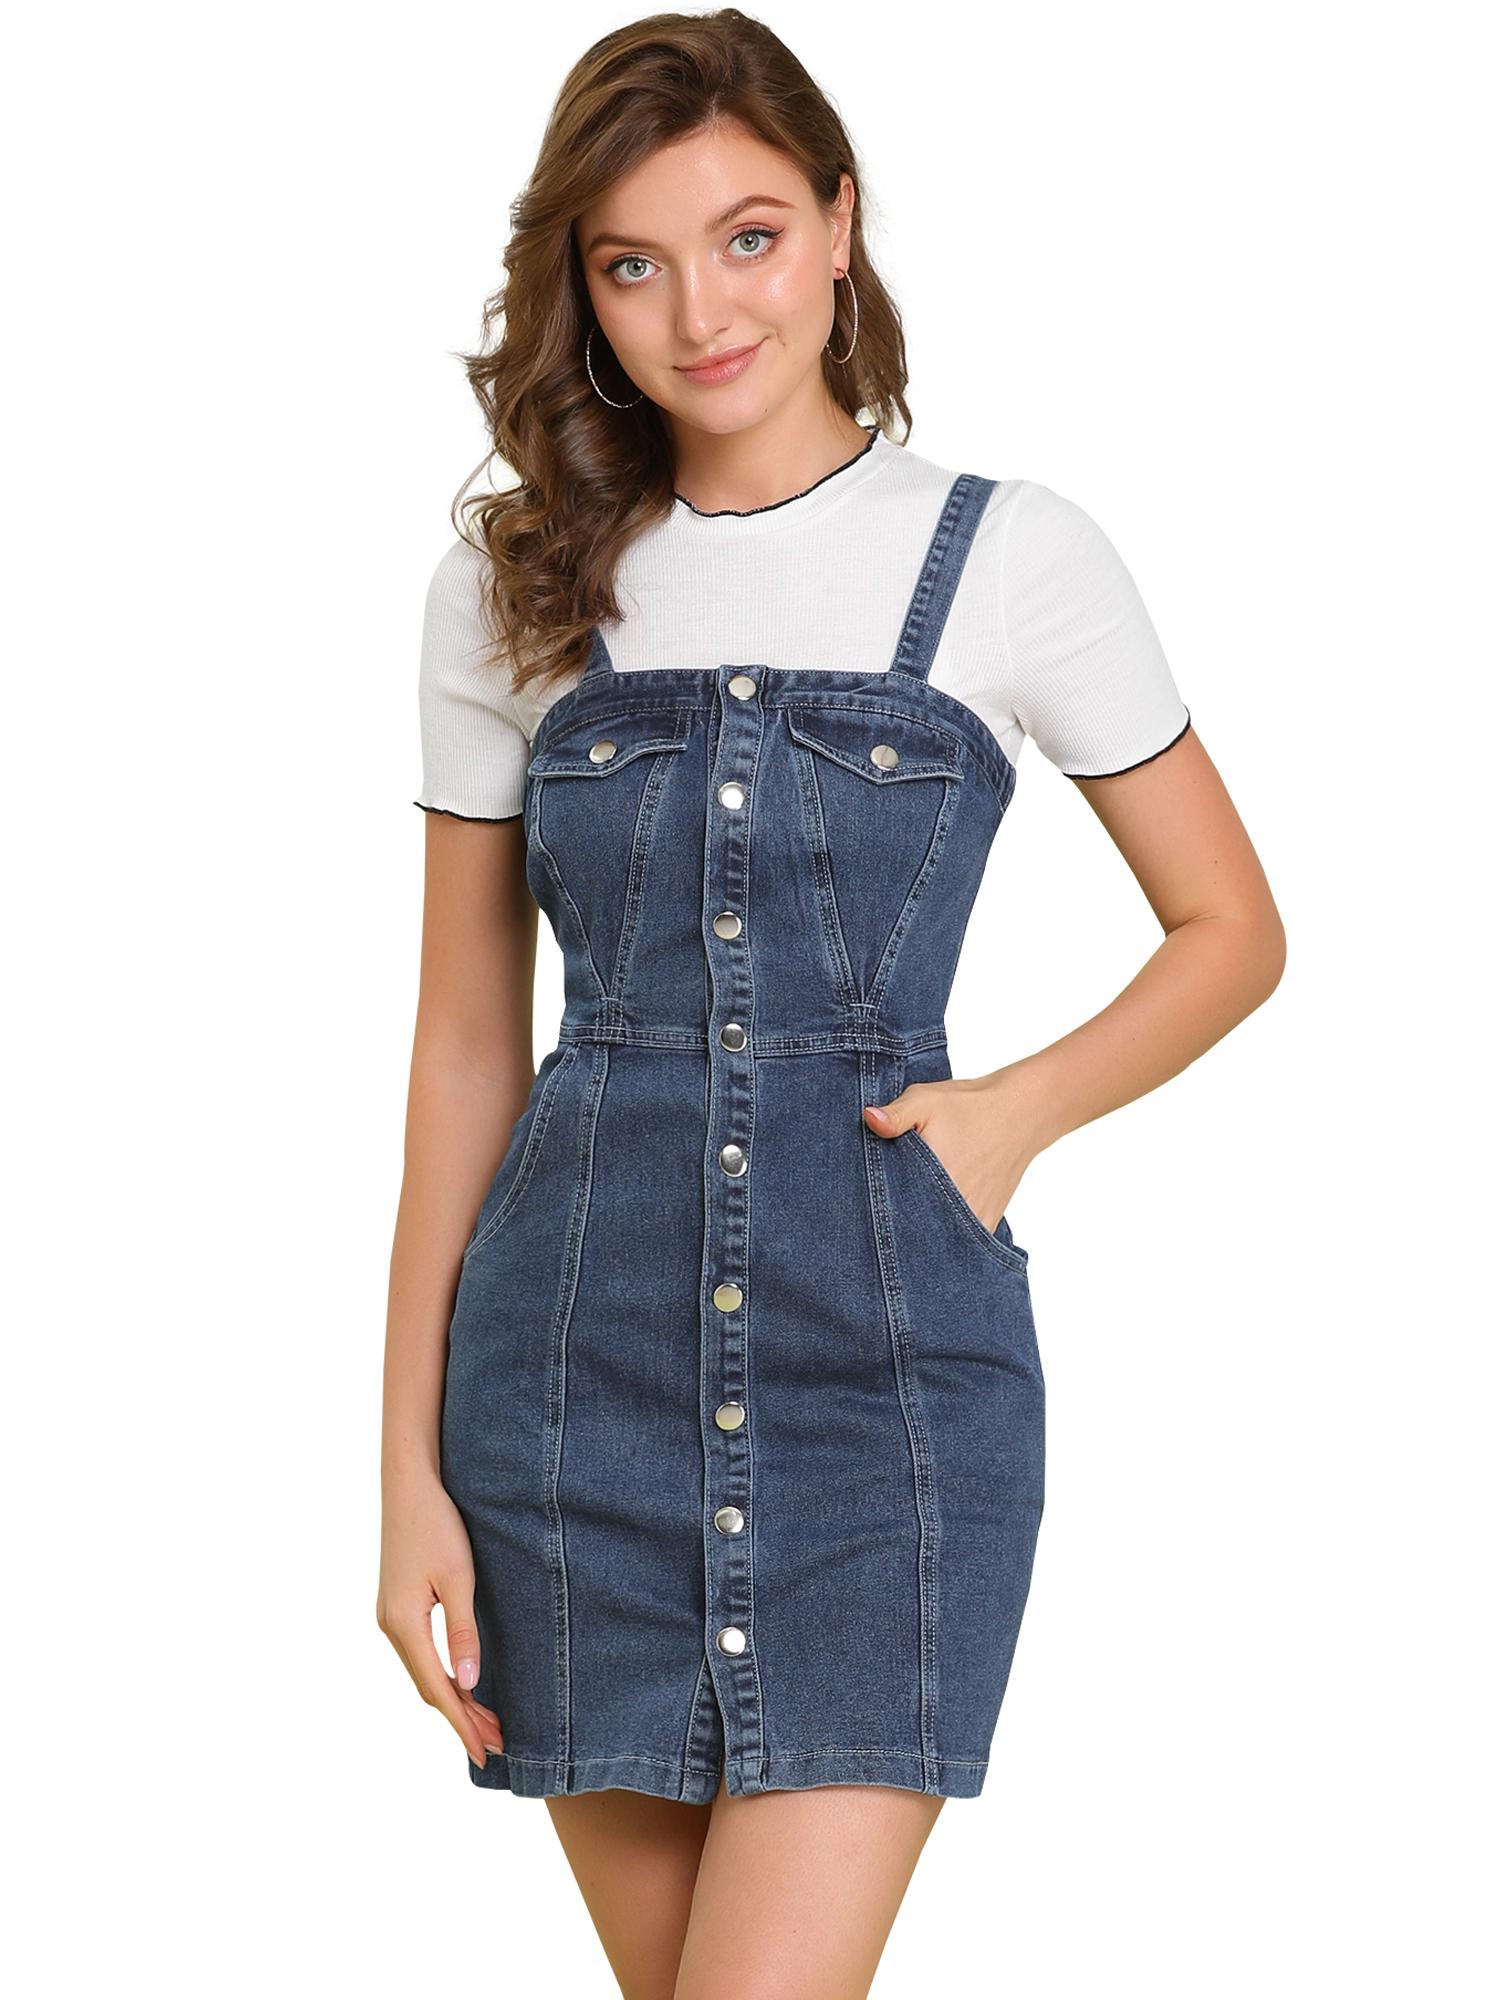 Women's Button Down Adjustable Strap Denim Suspender Skirt Dark Blue M